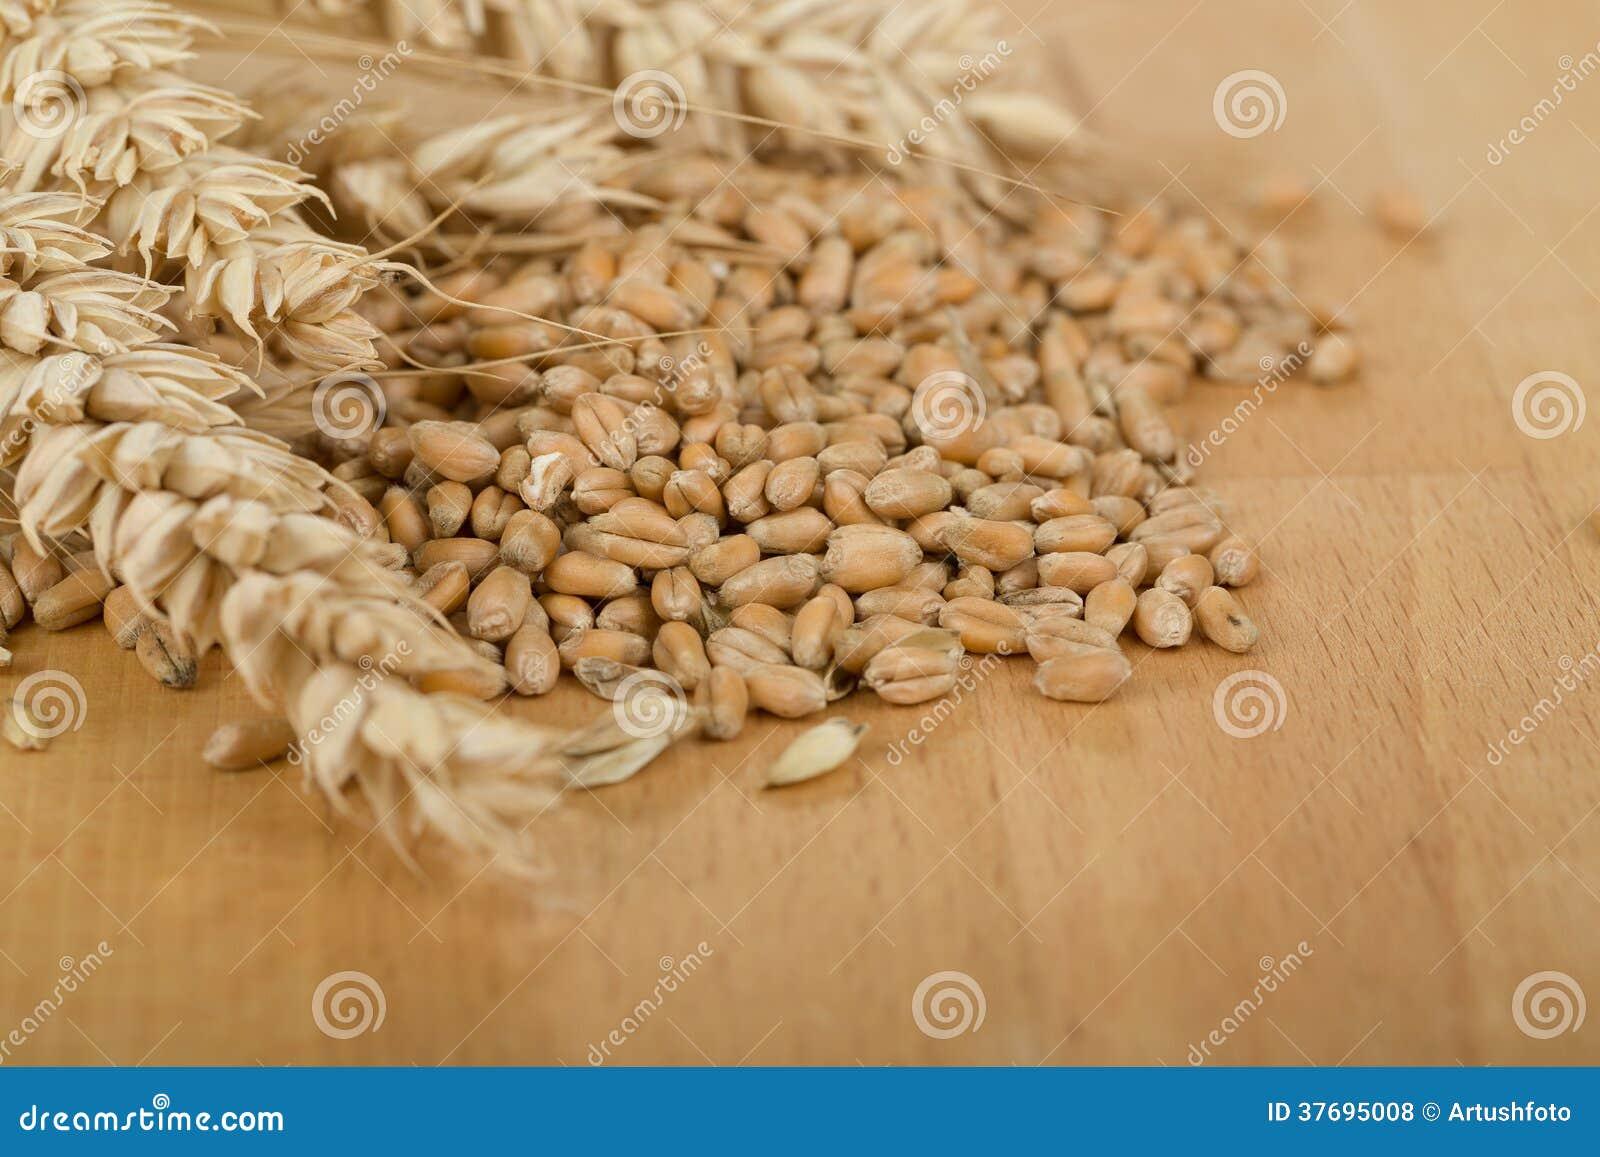 Stapel van de organische gehele pitten van de korreltarwe en oren